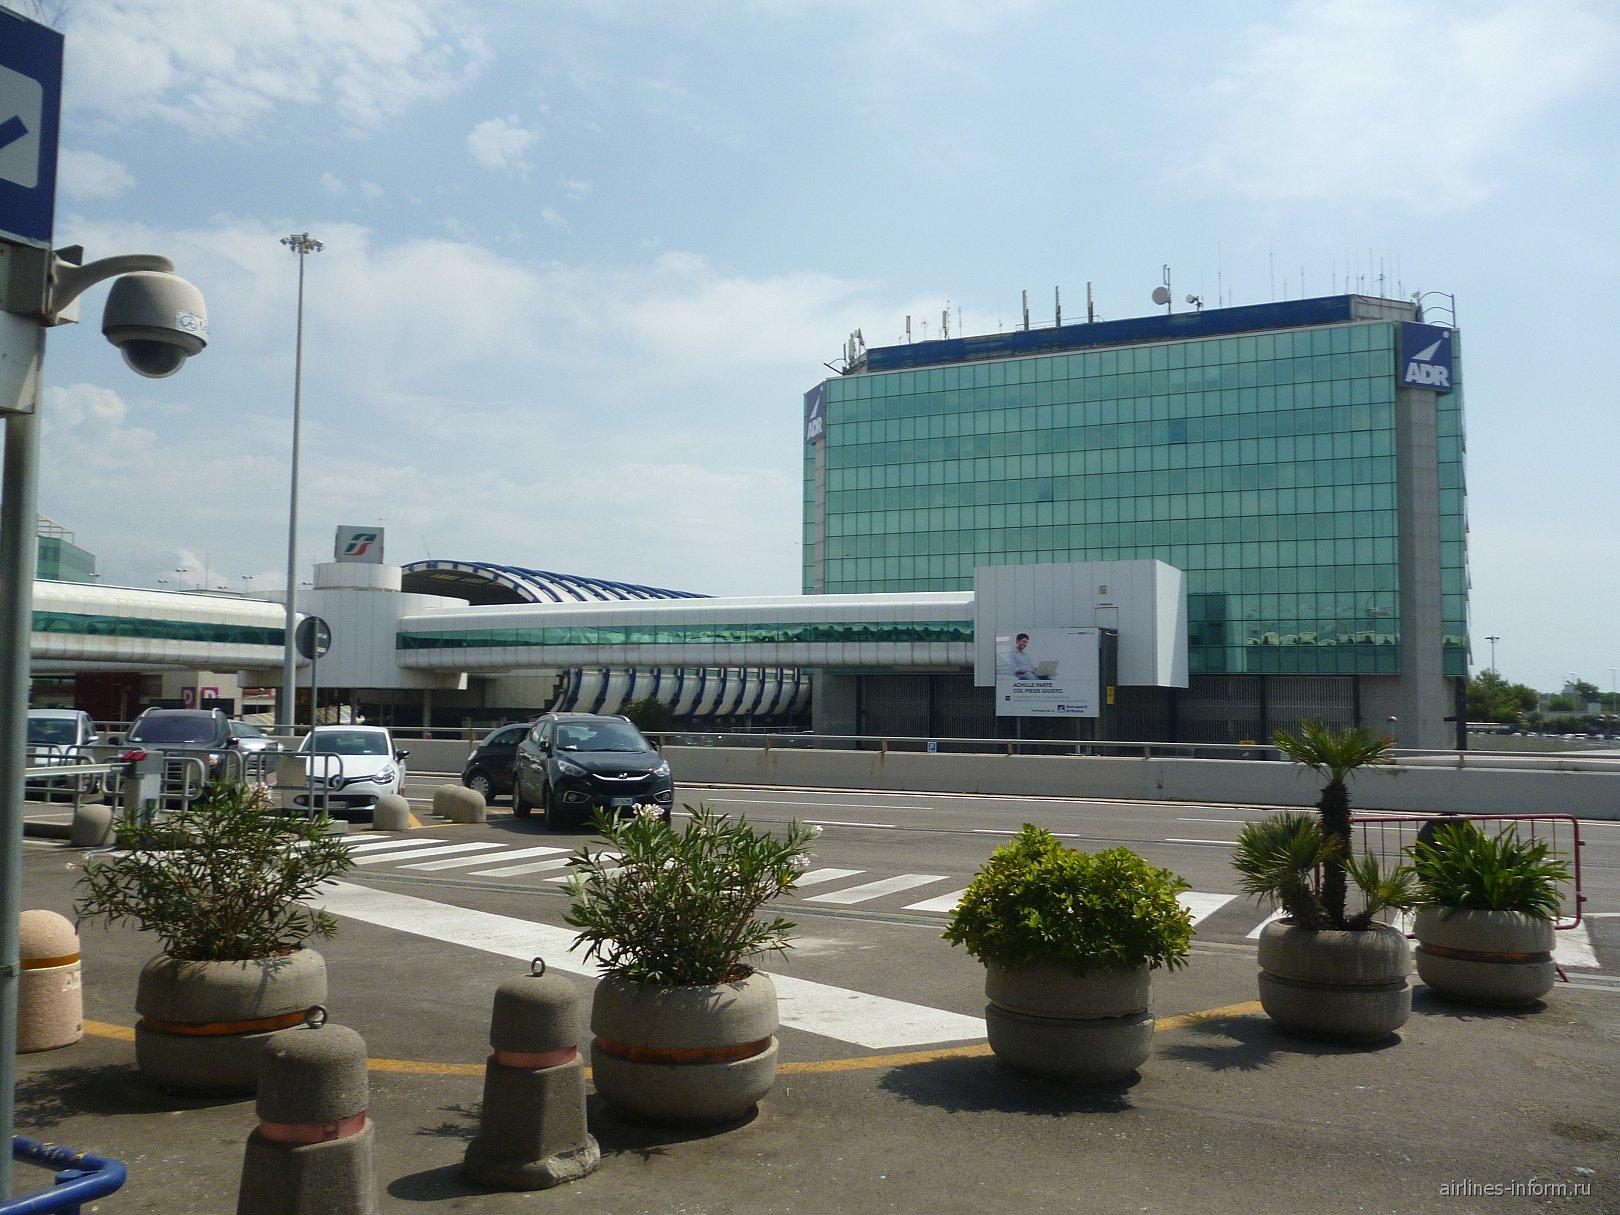 Здание администрации аэропорта и станция Аэроэкпресса в аэропорту Рим Фьюмичино